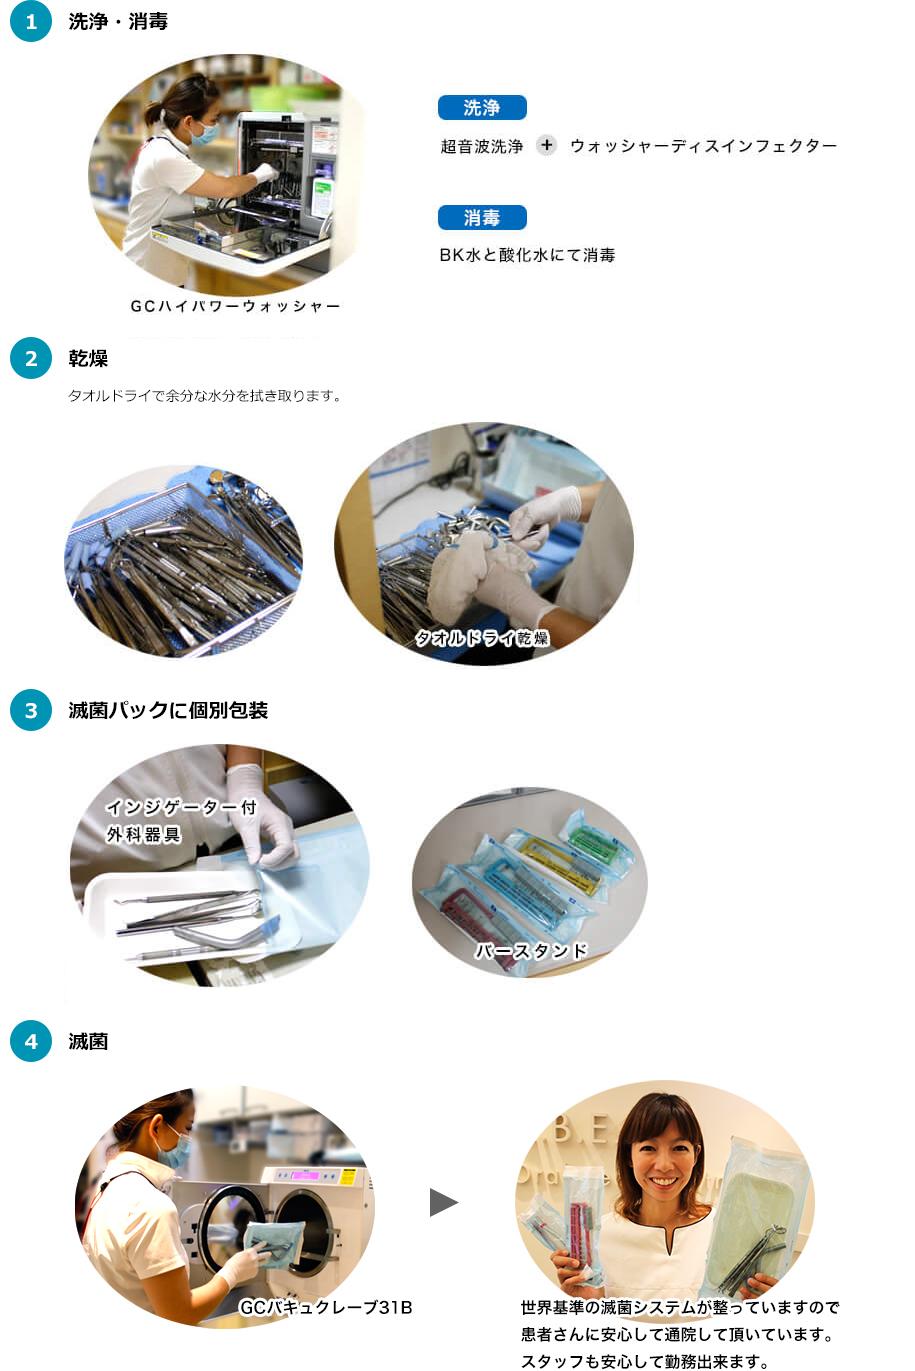 滅菌処理の流れ